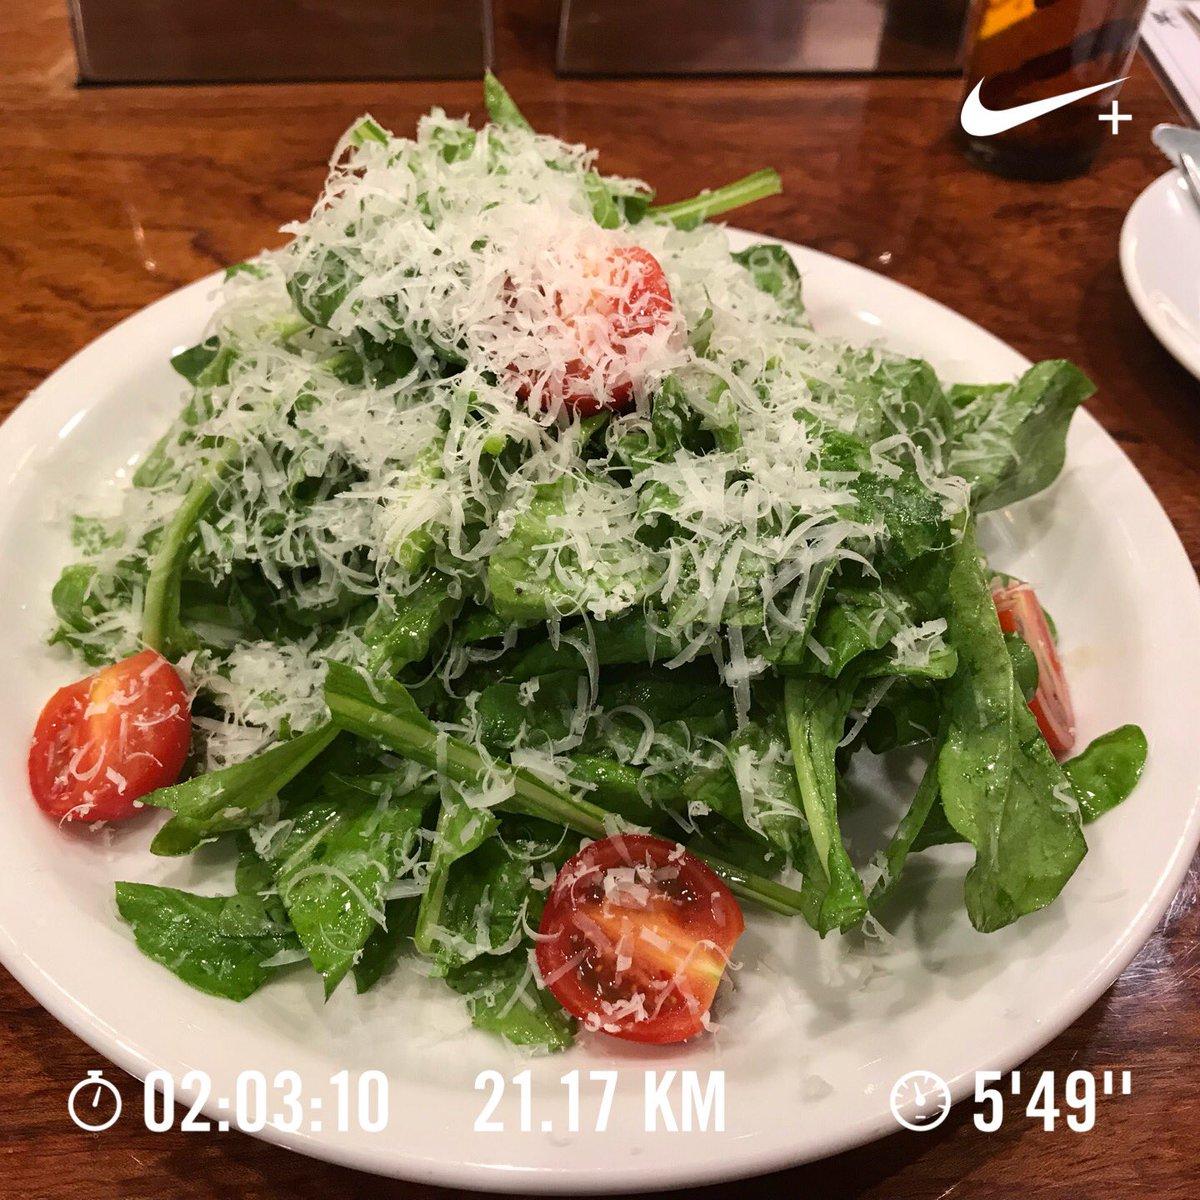 test ツイッターメディア - 抗酸化作用があるルッコラだけのサラダを食べて、スパルタンレース beast対策にハーフマラソン。ここまで来ると走れて当たり前の世界だから、しっかり走り切れるスタミナと根性を身につけないと! #スパルタンレース https://t.co/vHCOULY9WI